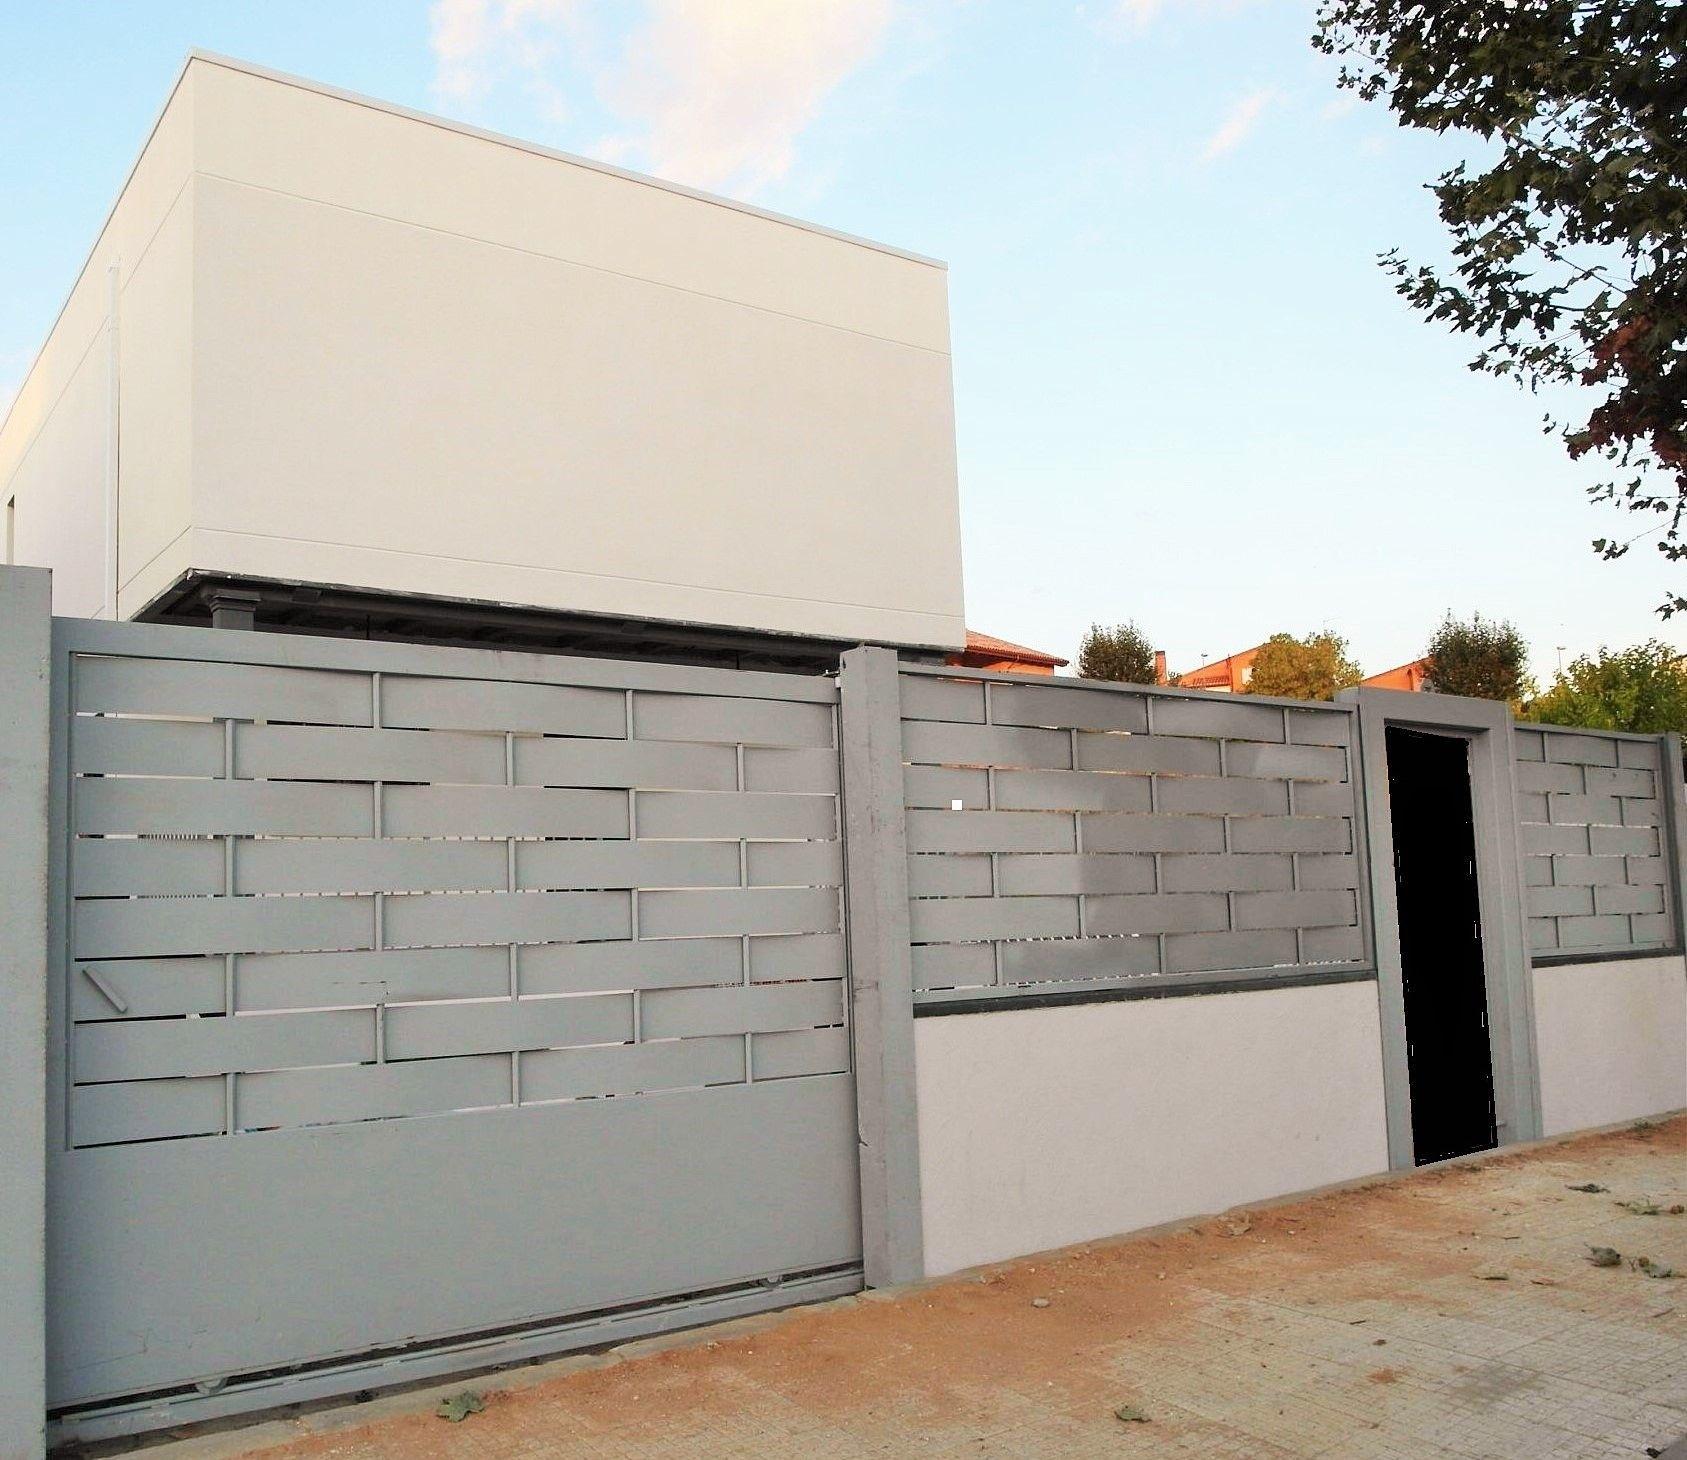 Cerramiento exterior casa prefabricada cubica - Cerramientos casas ...